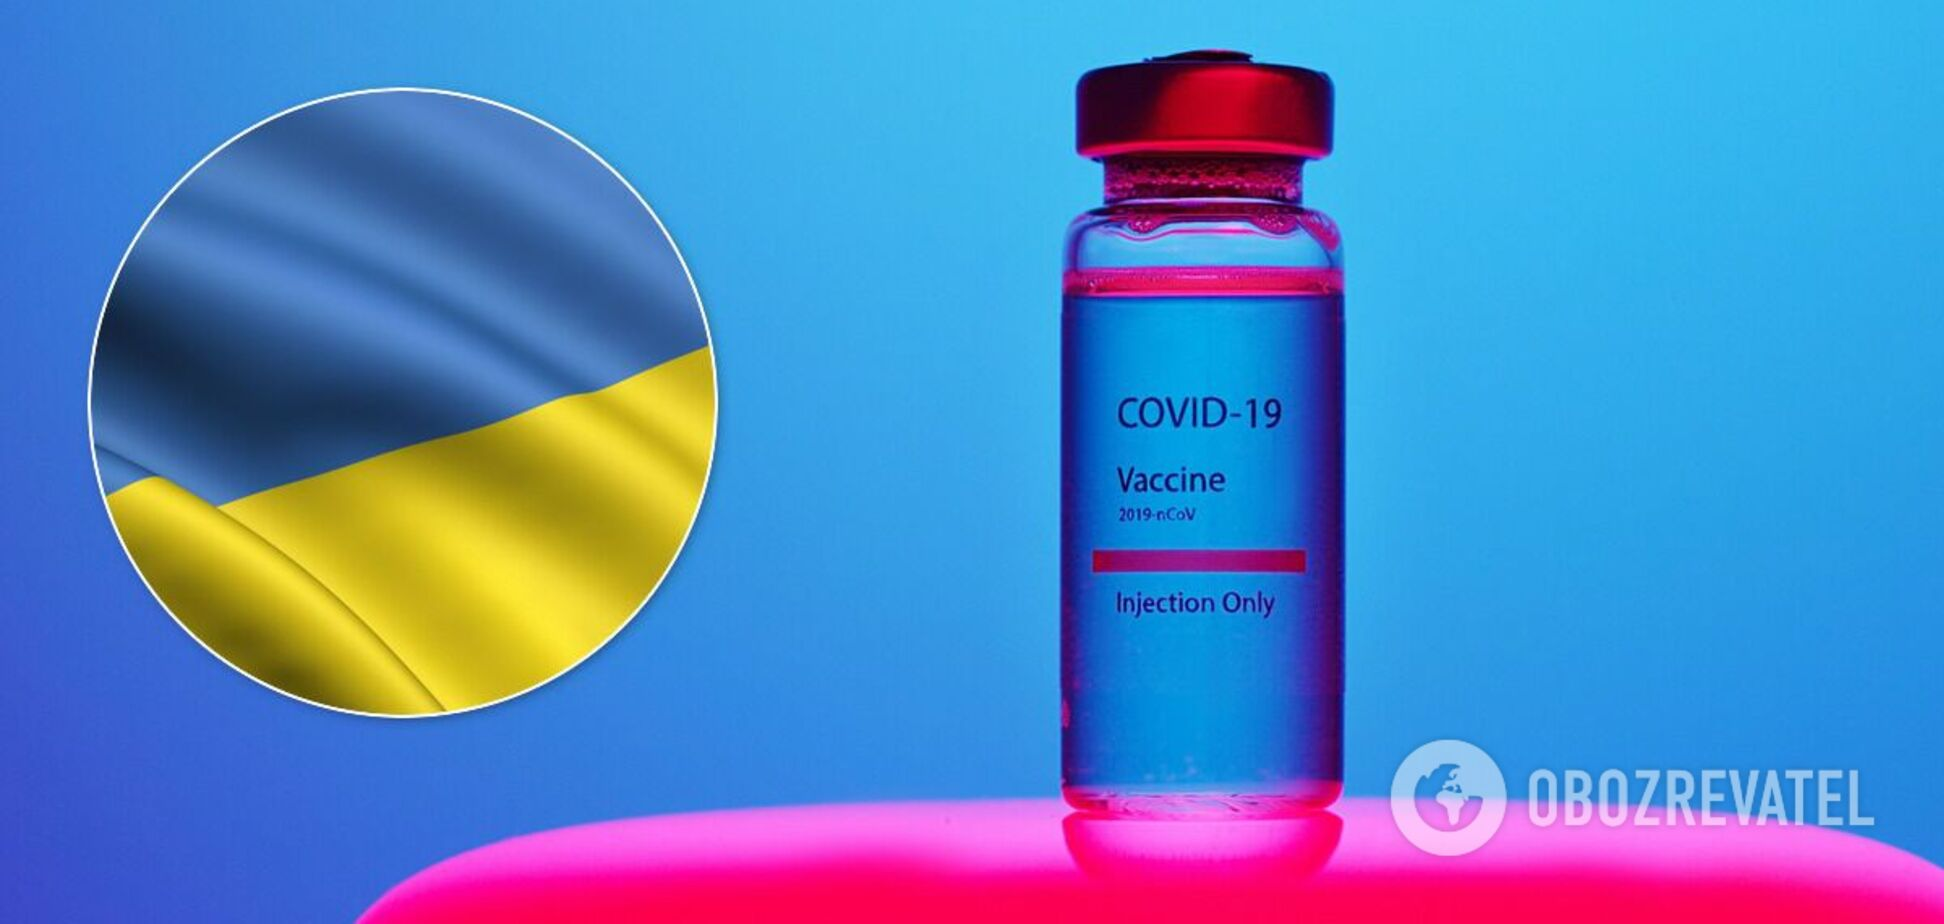 Вакцинация противCOVID-19 в Украине